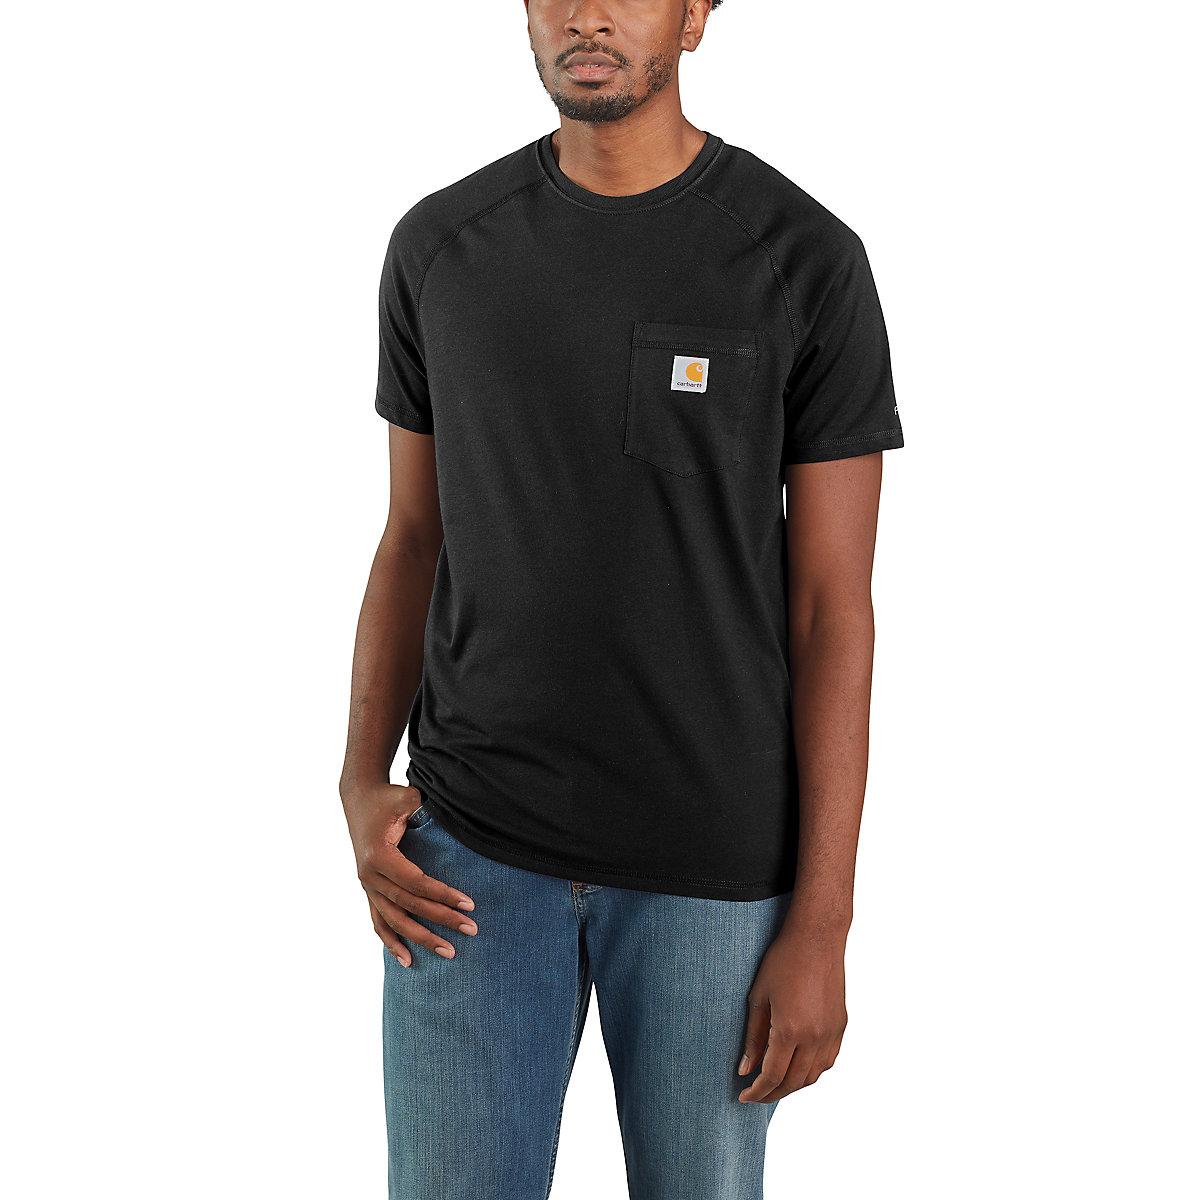 Black t shirt short sleeve - Black T Shirt Short Sleeve 32